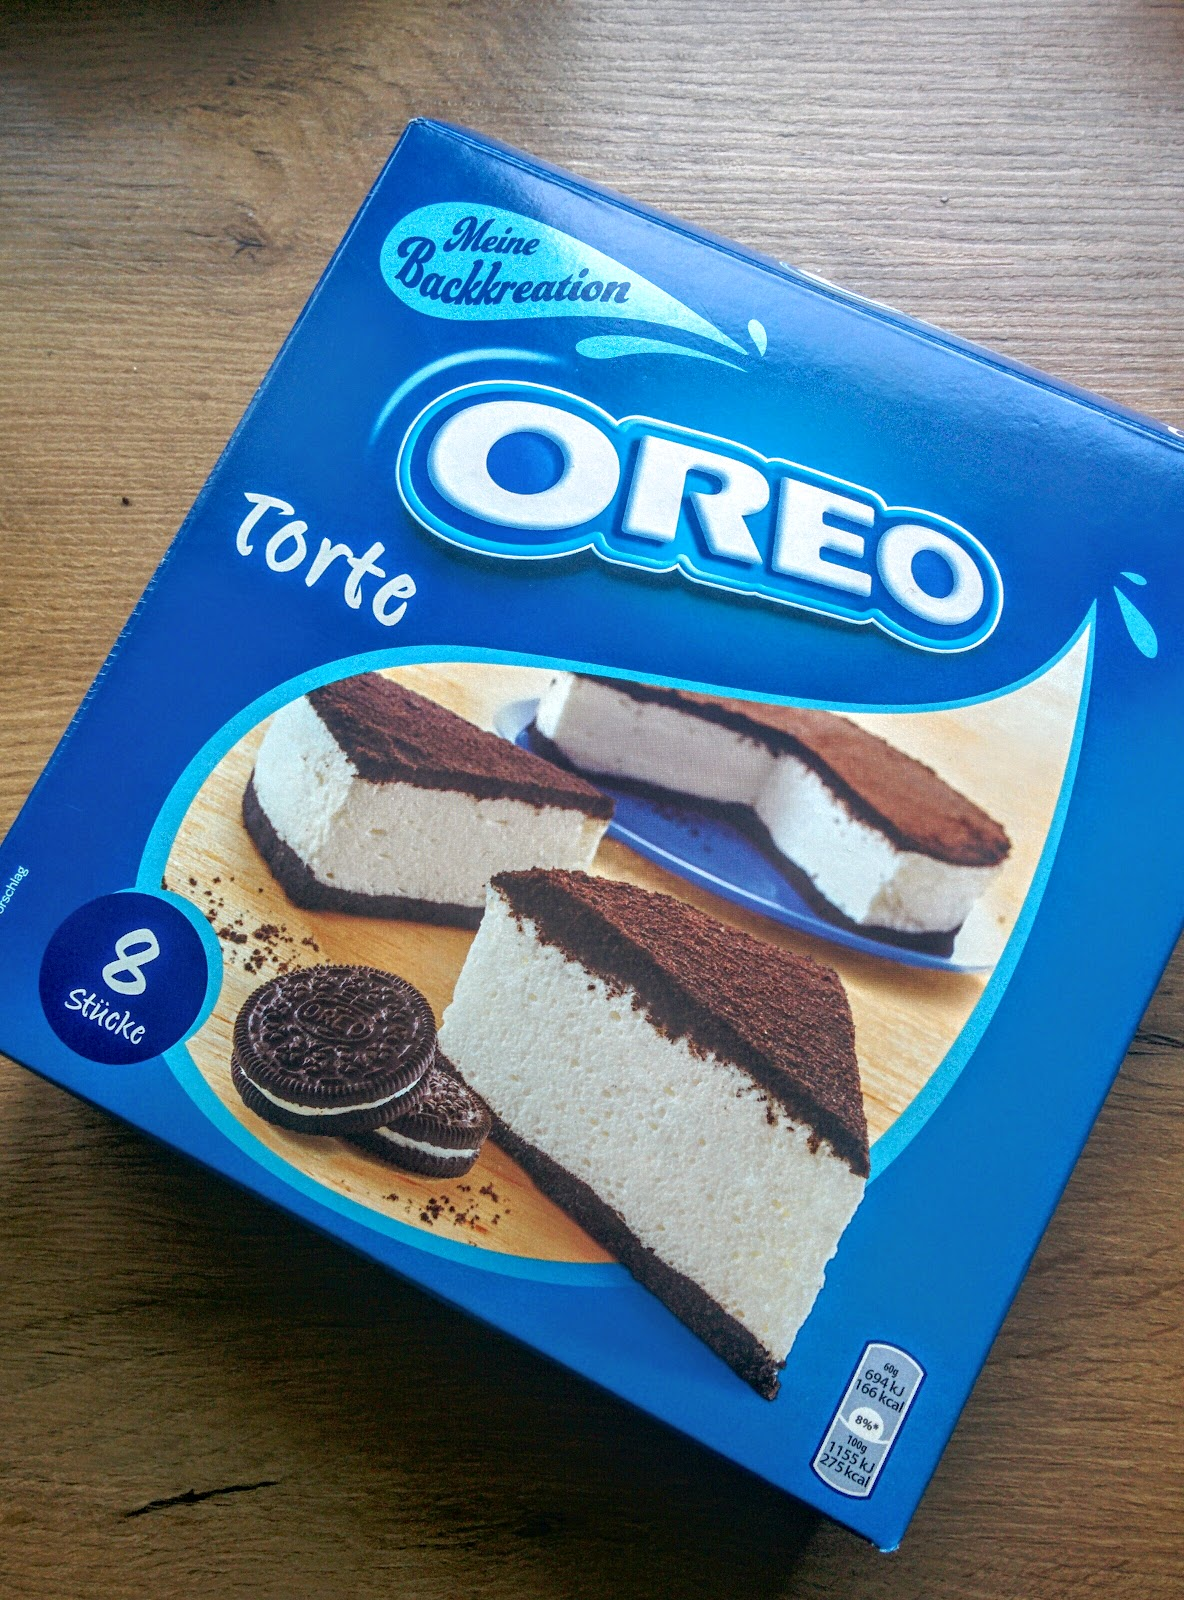 Produkttest Oreo Torte